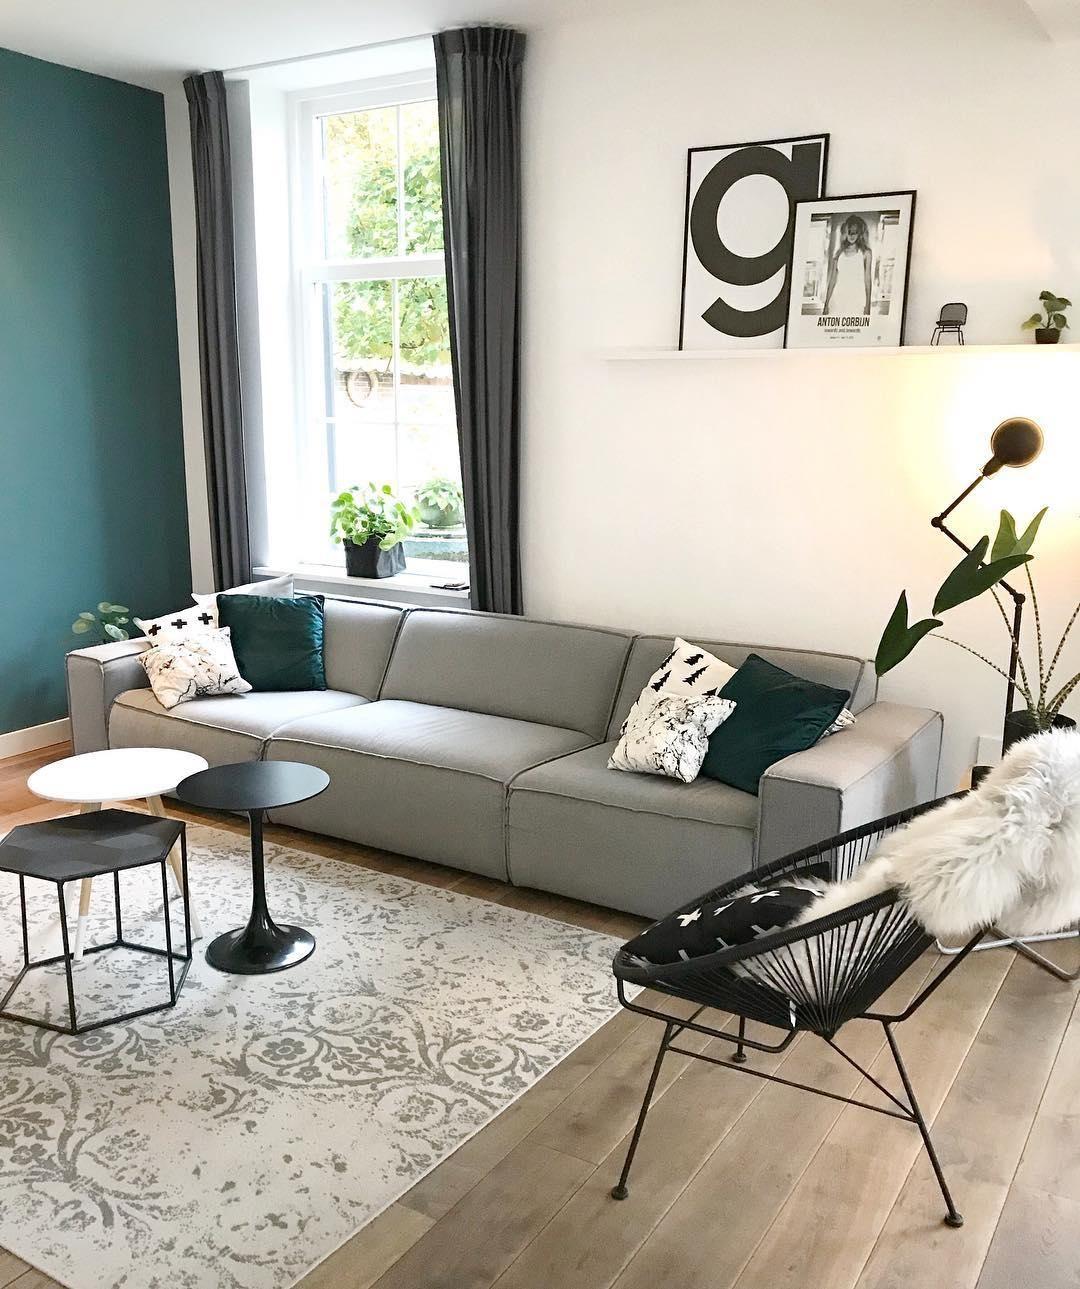 Sessel Mailand | Sofa Beistelltisch, grüne Wandfarbe und Wohnzimmer ...